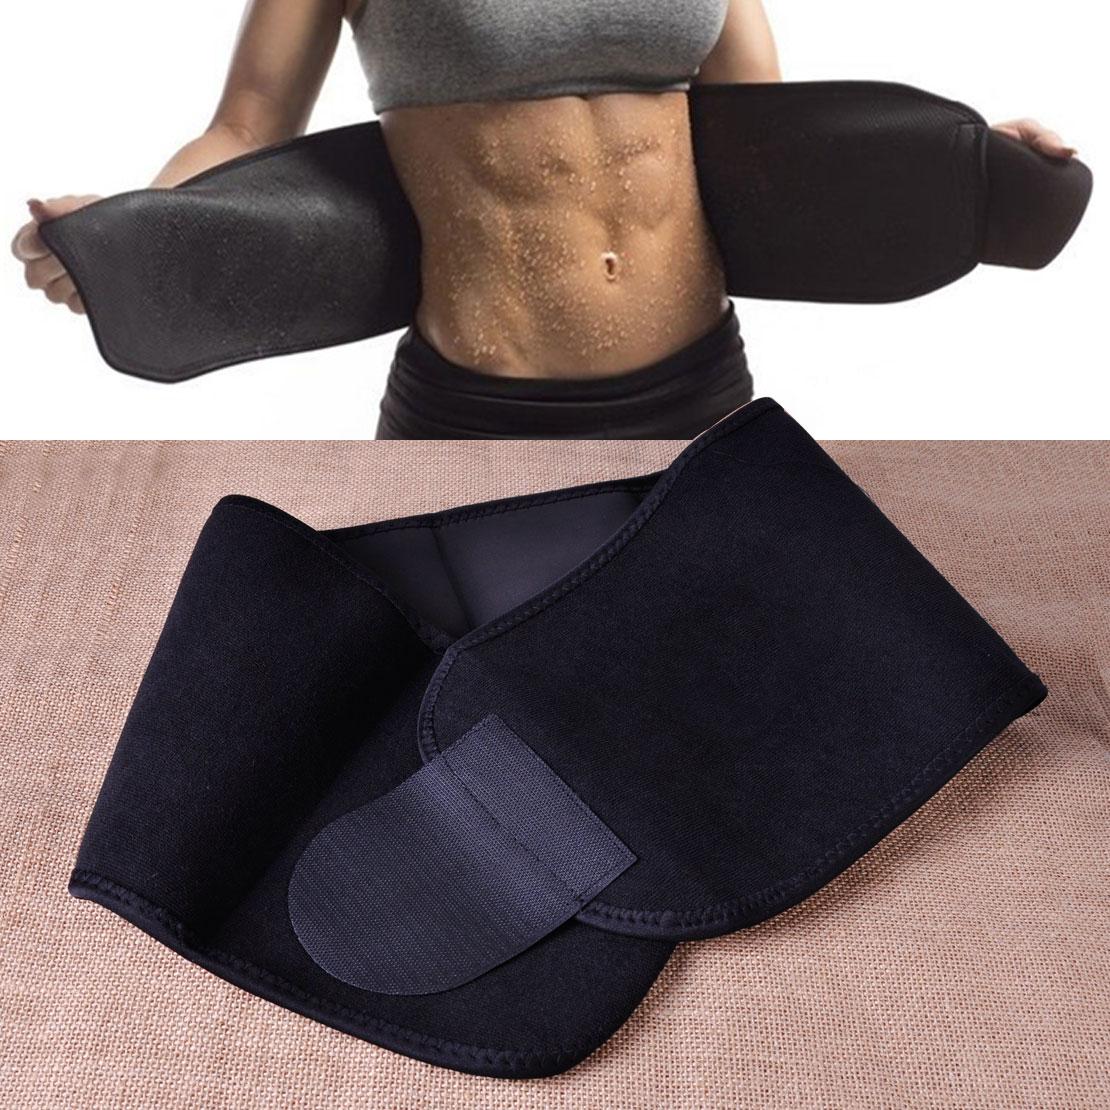 Neopreno pilvo juosmens pilvo apdaila lieknėjimo diržas Moterims kūno formavimo priemonė, prakaito juostos formos drabužiai, juosmens treniruoklis Cincher korsetas